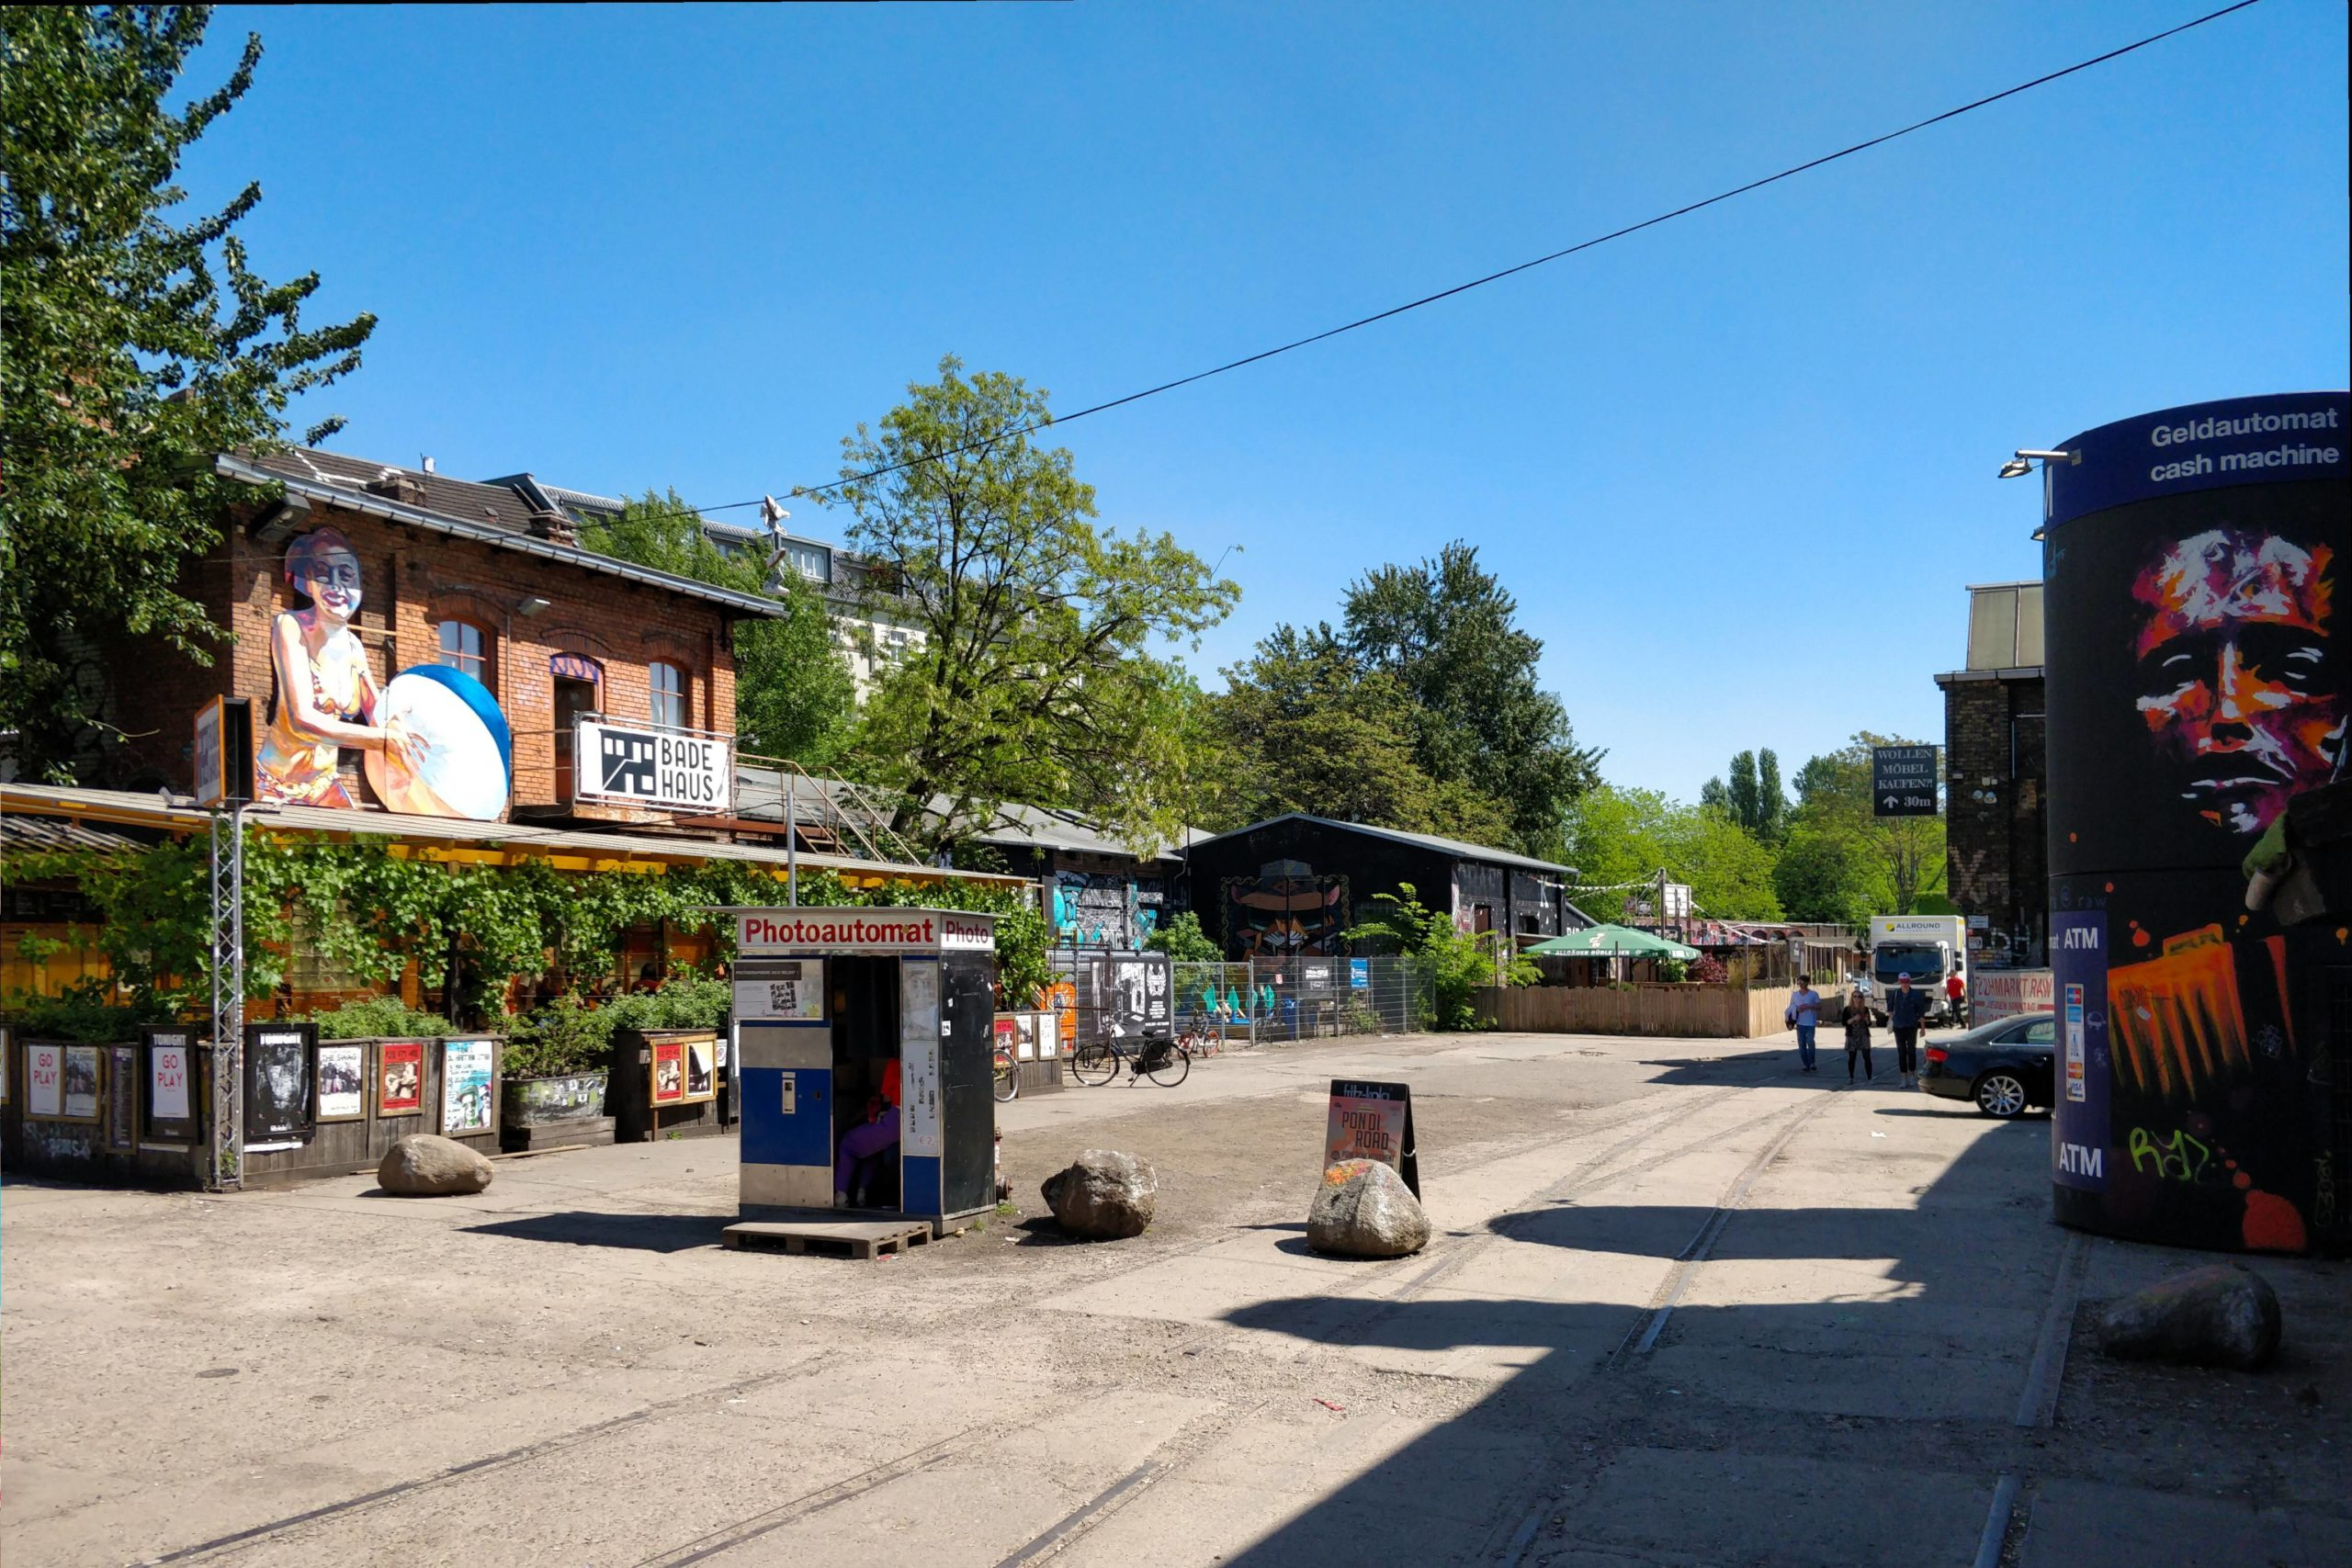 Einblick in einen Teil des RAW-Geländes mit dem Badehaus und beliebtem Fotoautomaten. Foto: Imago/Tom Maelsa